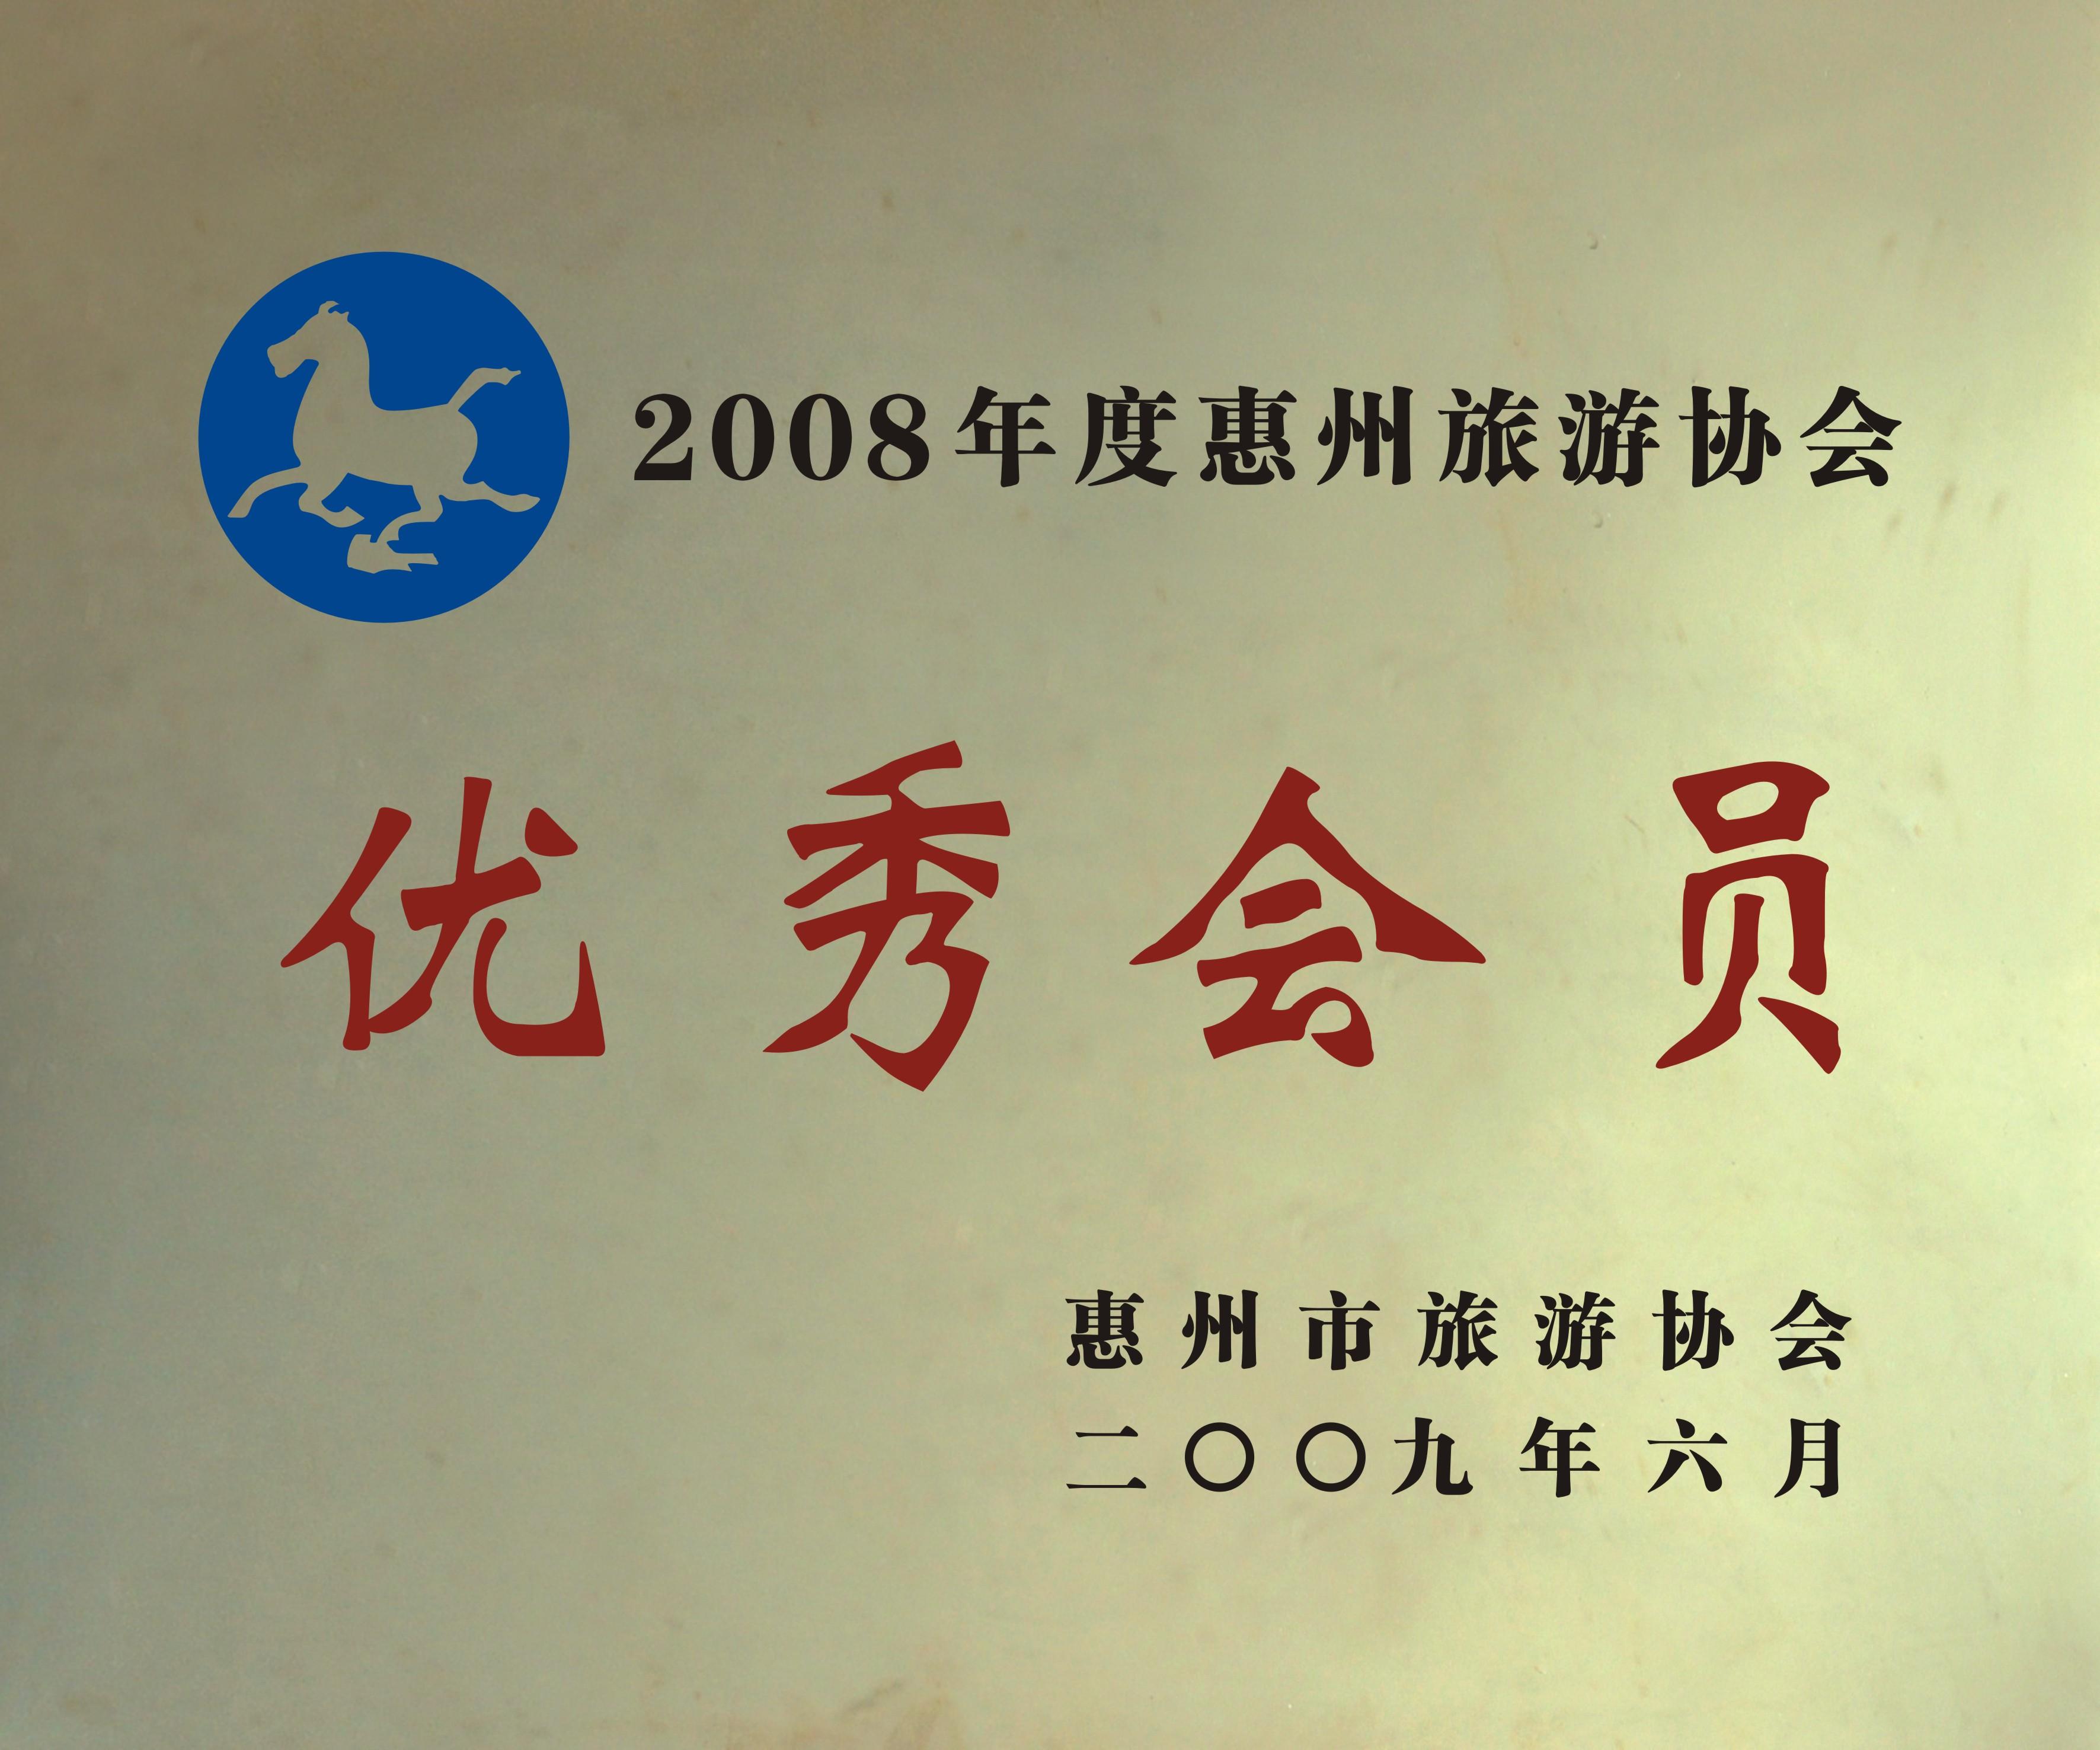 2008年度惠州市旅游協會優秀會員